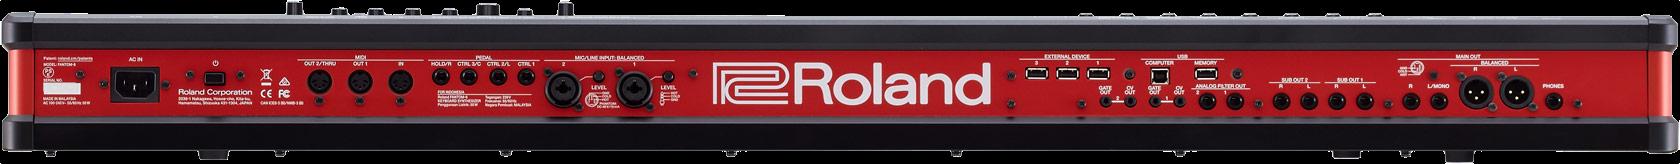 Roland FANTOM-6 Synth Workstation Keyboard - Rear